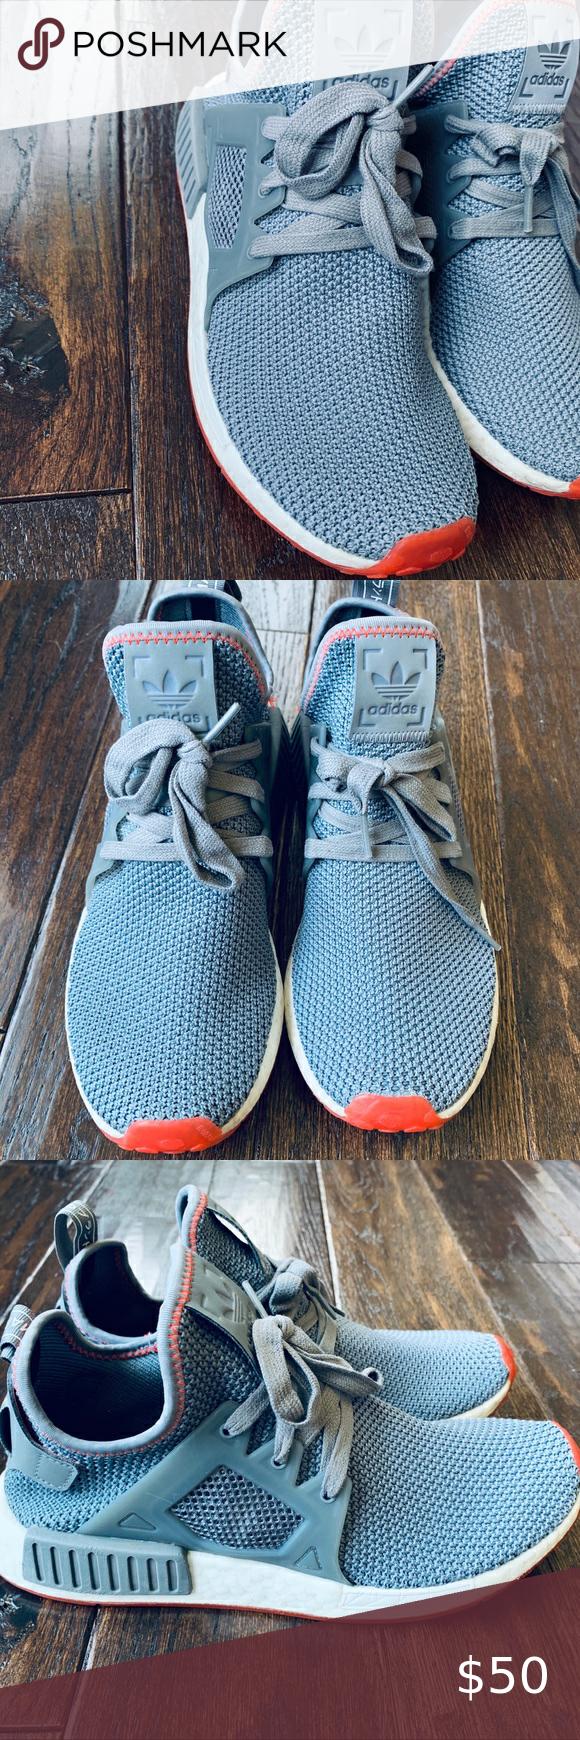 adidas nmd xr1 grey solar red